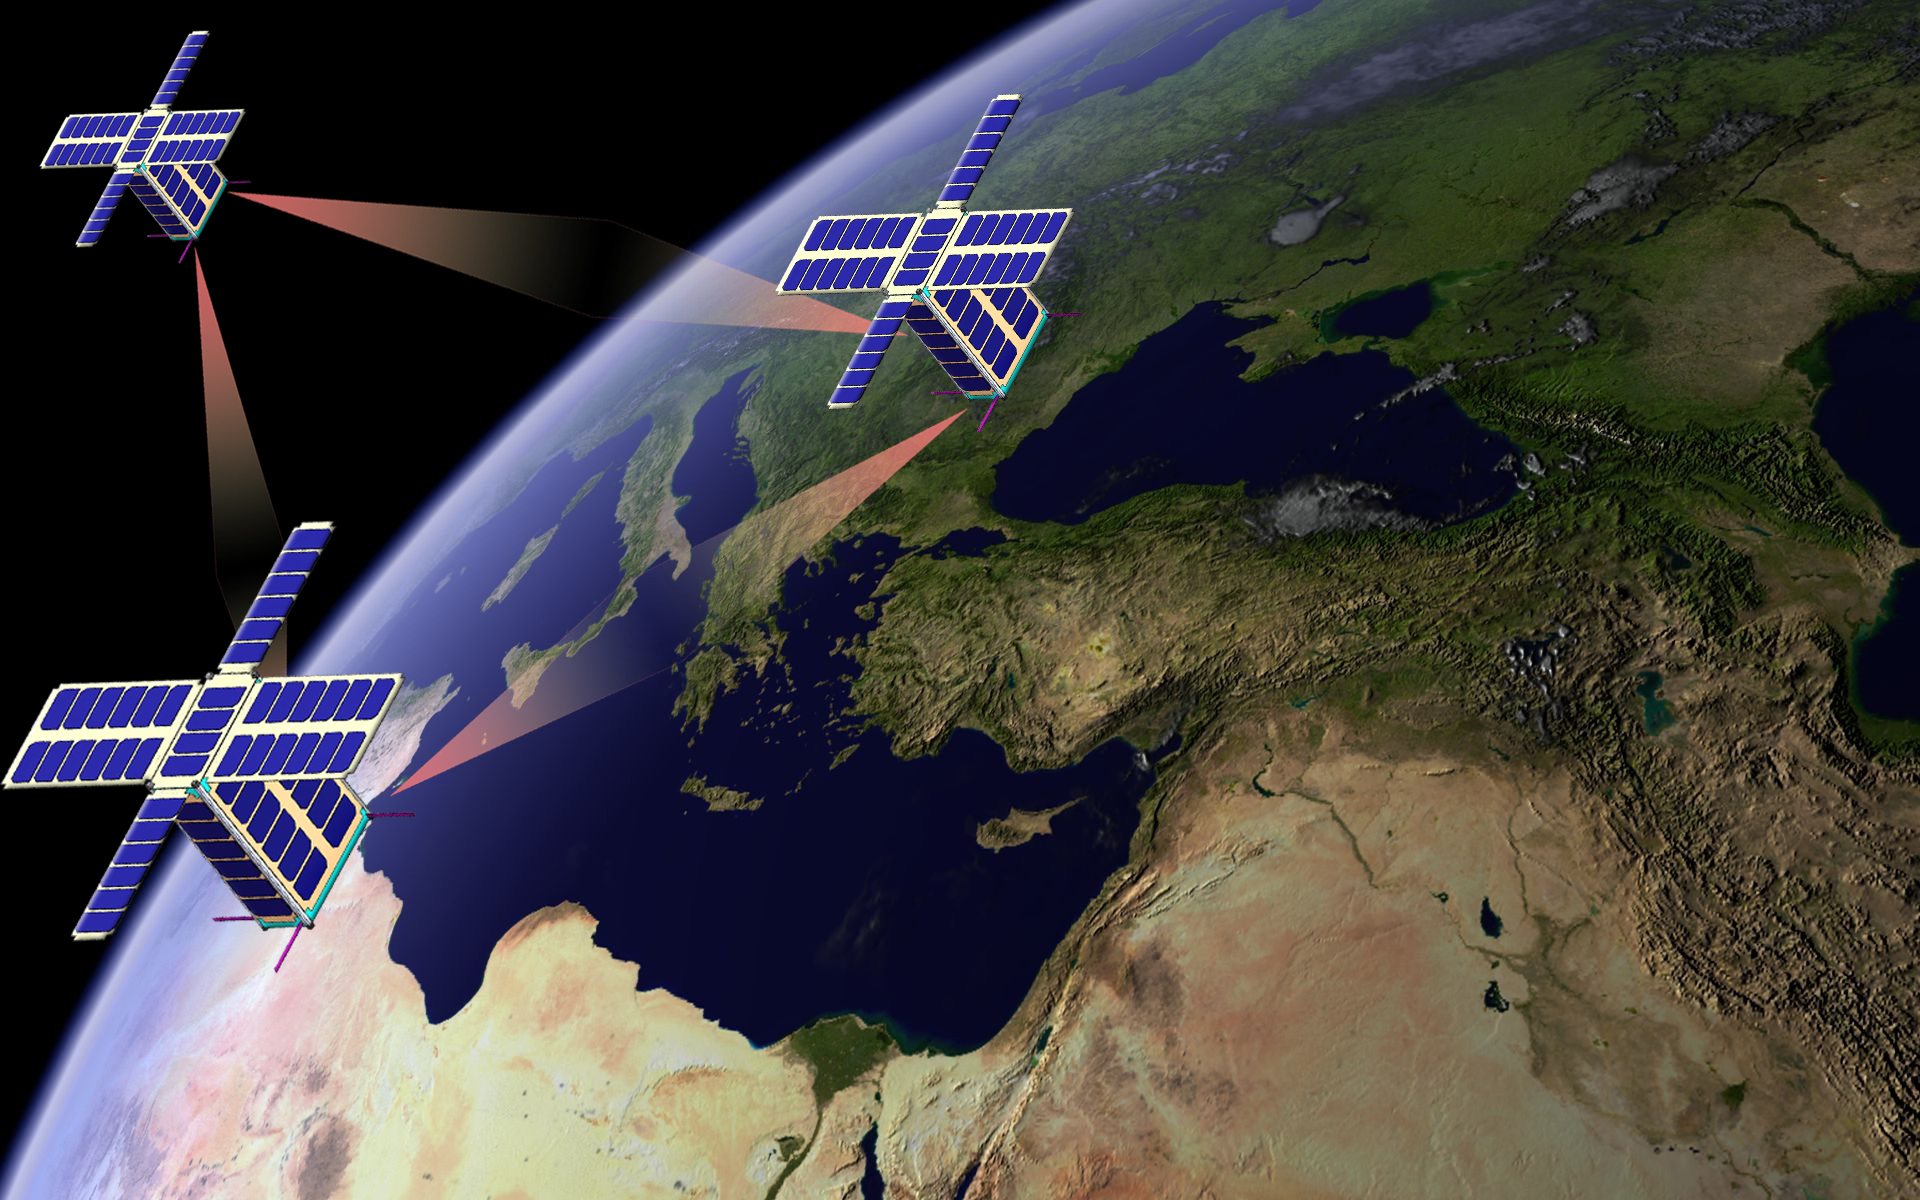 לראשונה בעולם: הטכניון ישגר לחלל מבנה של שלושה ננו-לוויינים